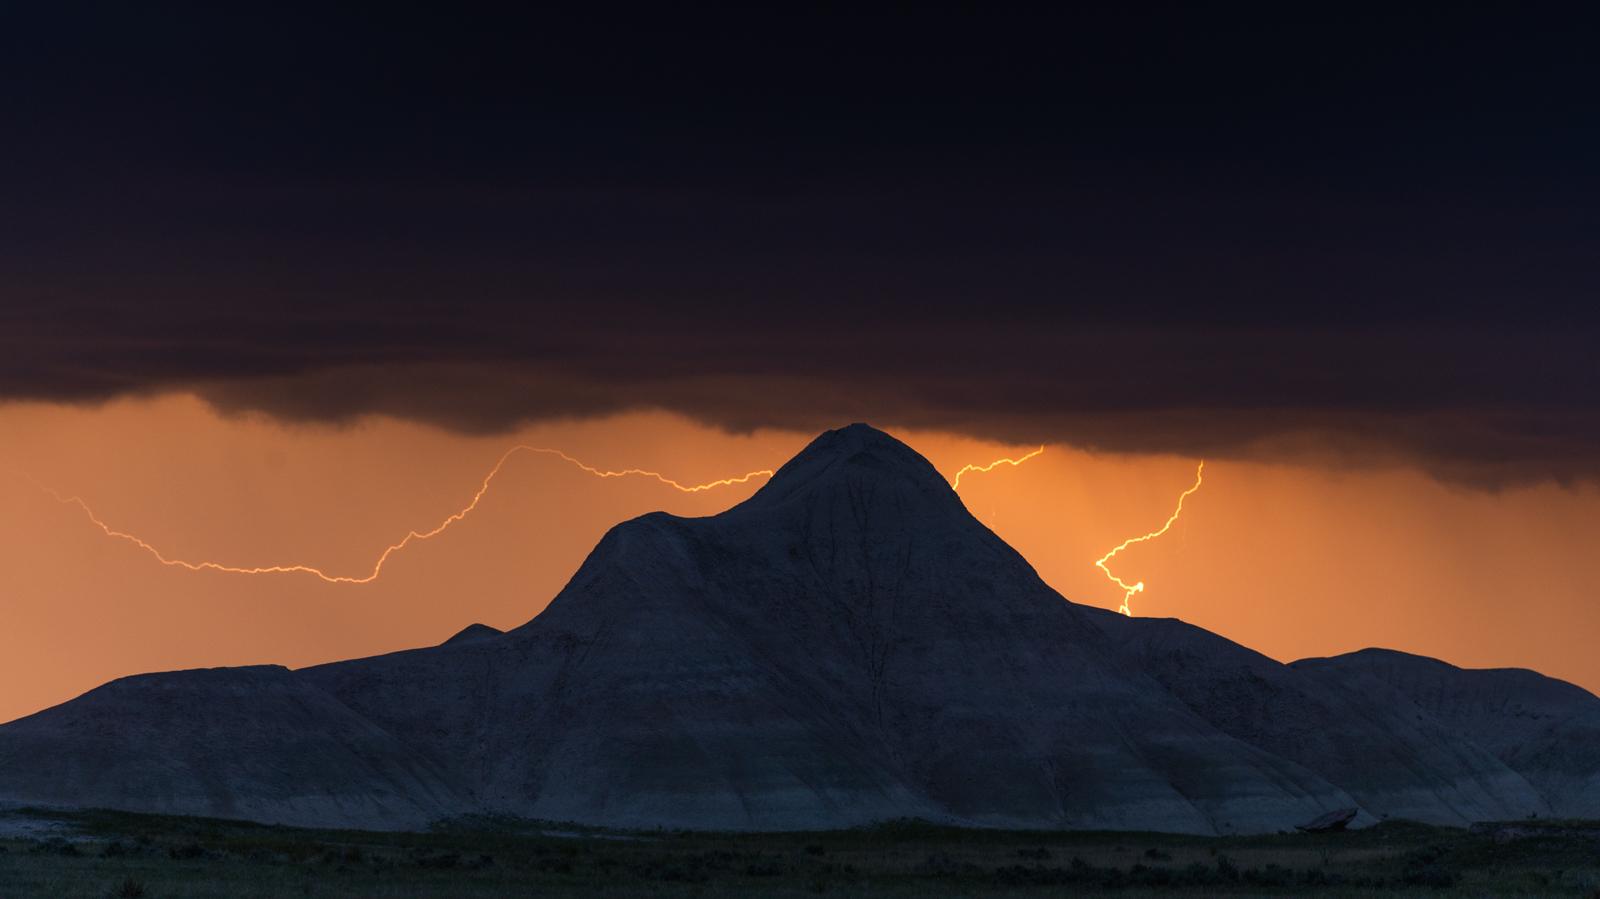 Lightning strikes against a solidary badlands butte in the Oglala National Grasslands of western Nebraska.